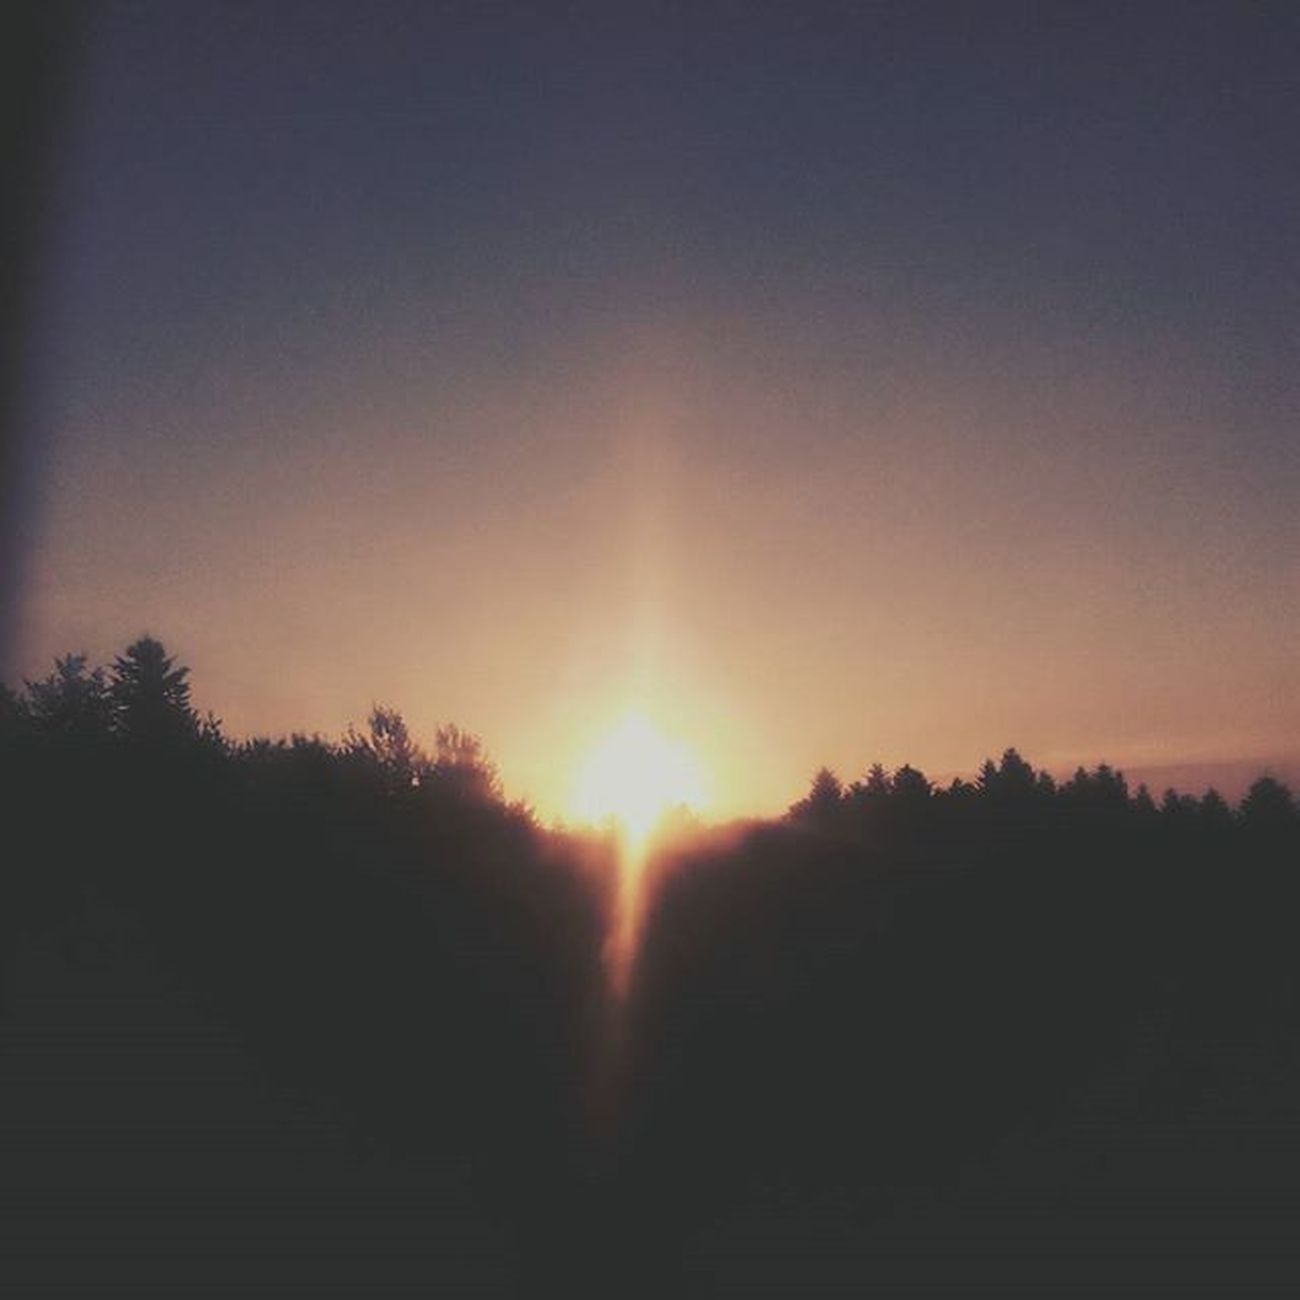 Takie Widoki Tylko W Drodze Do Szkoły O 6rano Wschod Słońca 😃😃😄😄😀😎